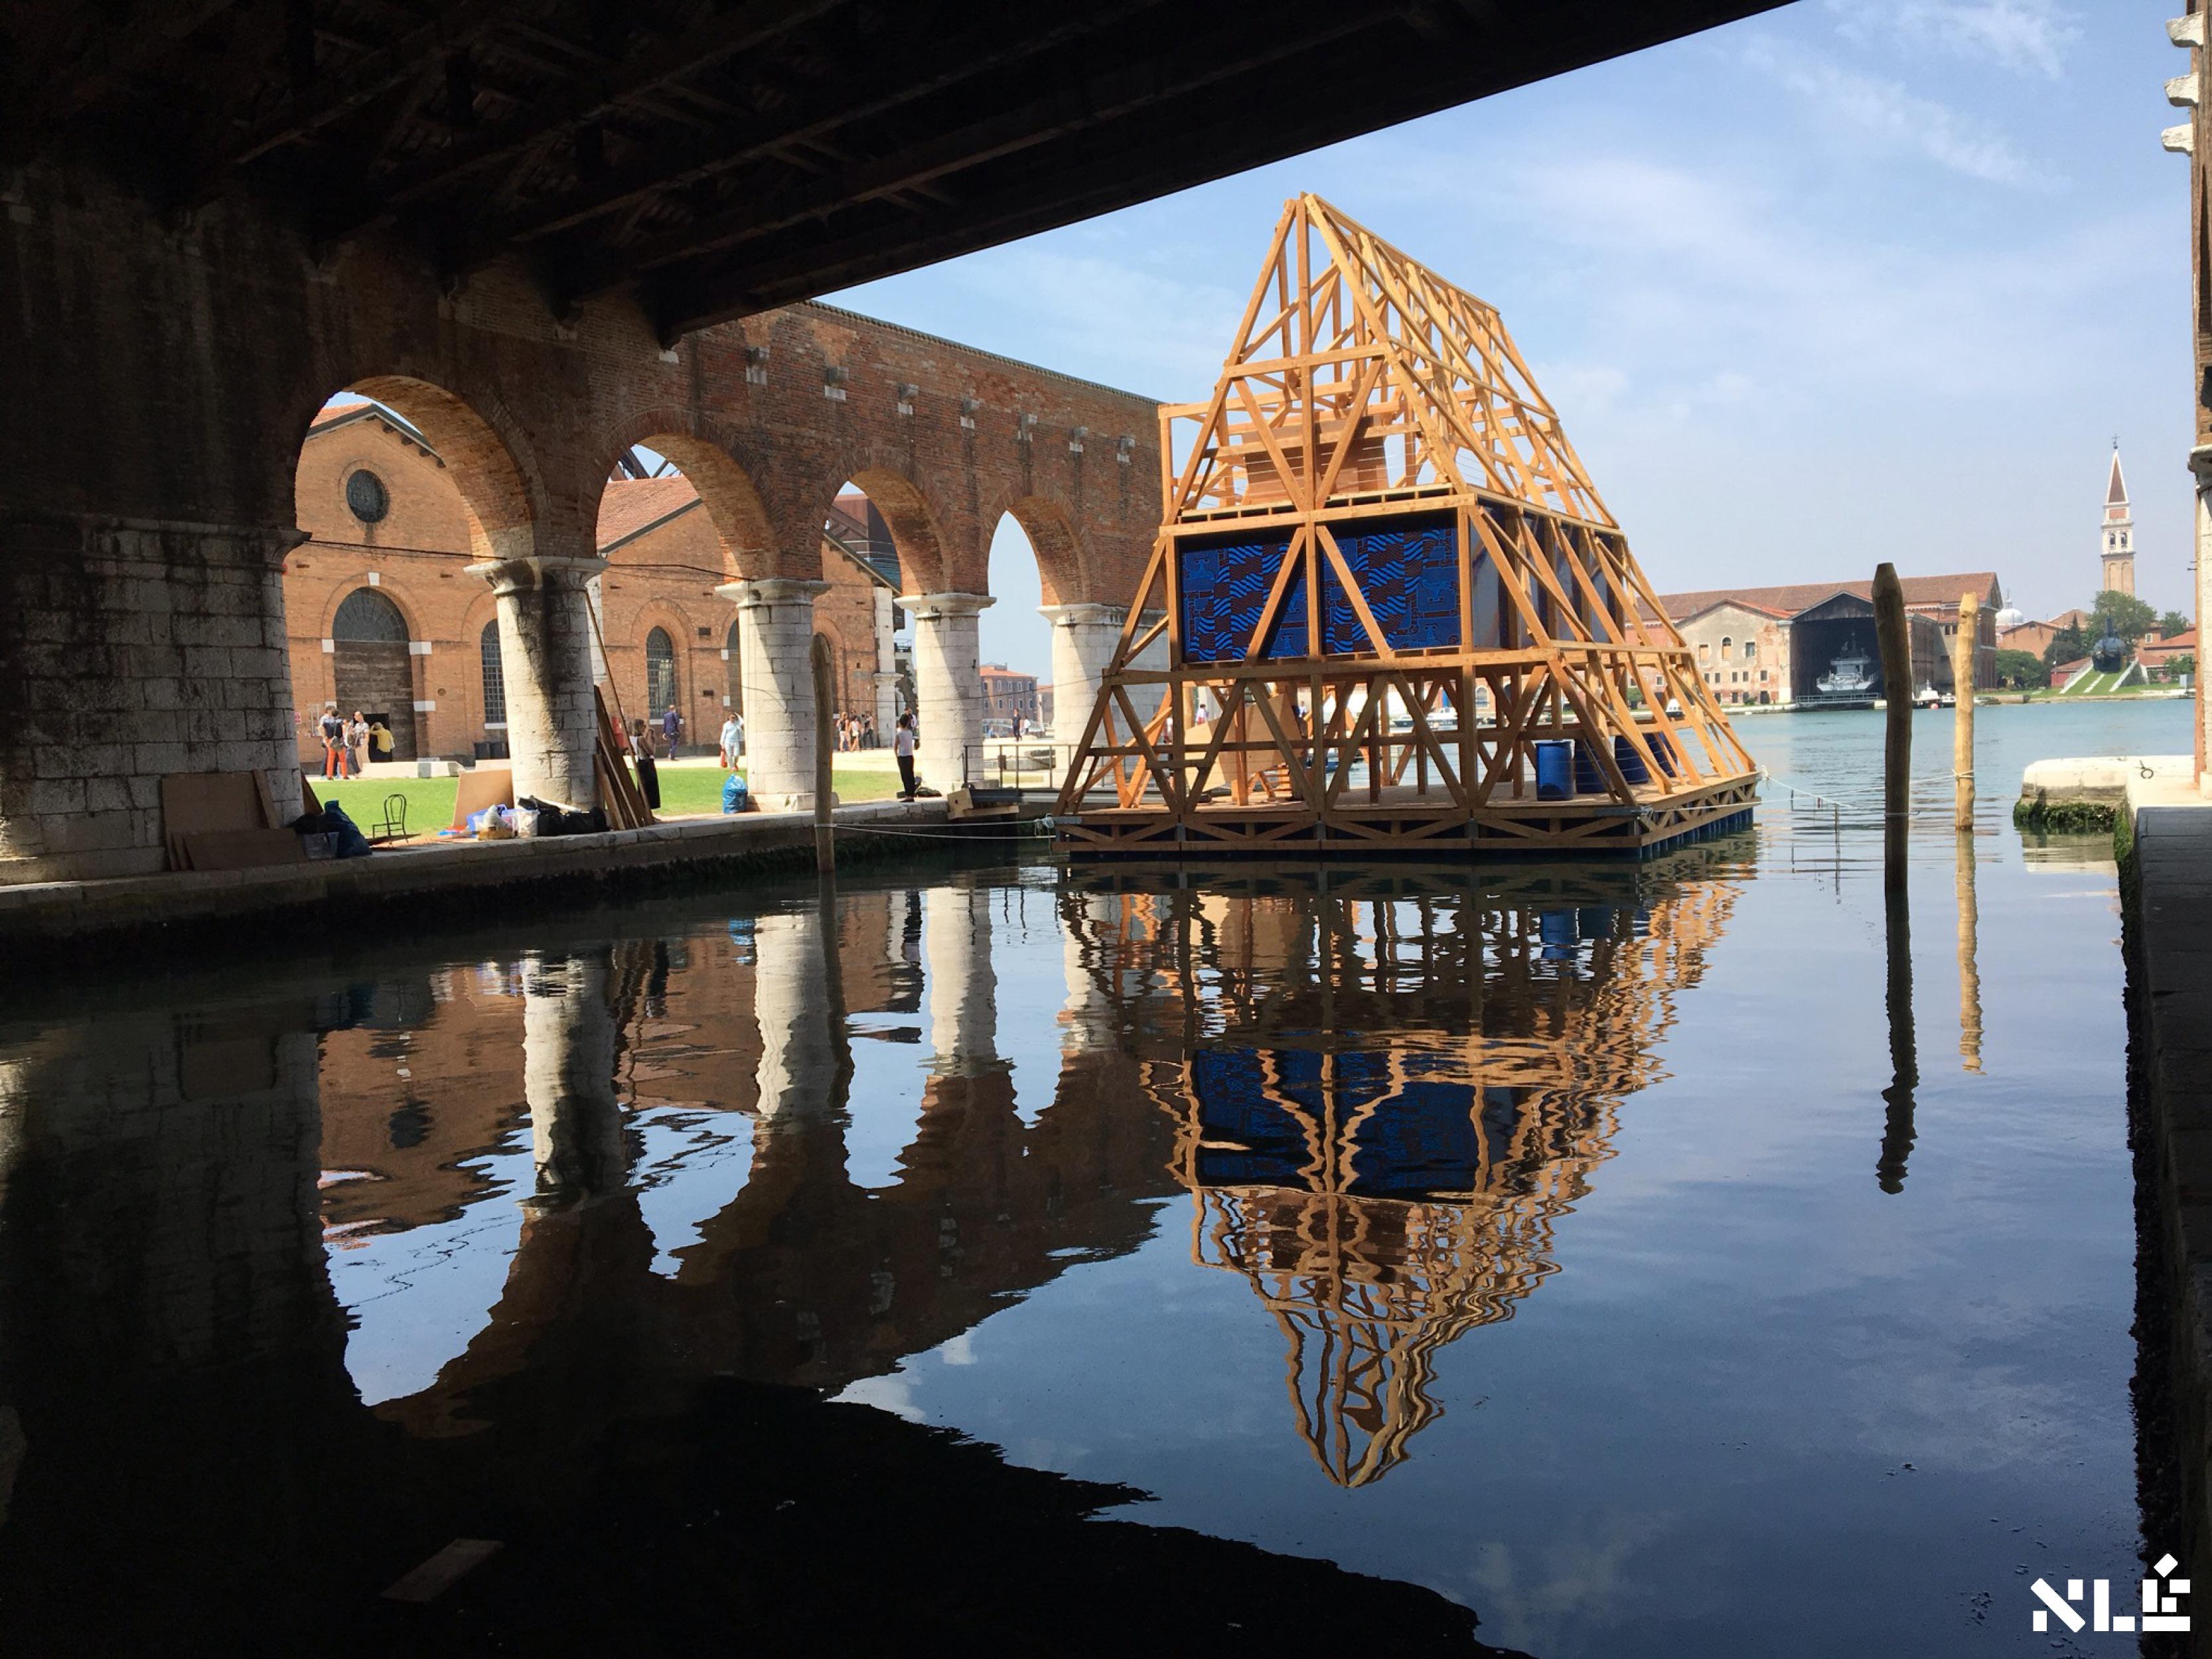 MFS-II, Makoko Floating School II, Venice Biennale 2016